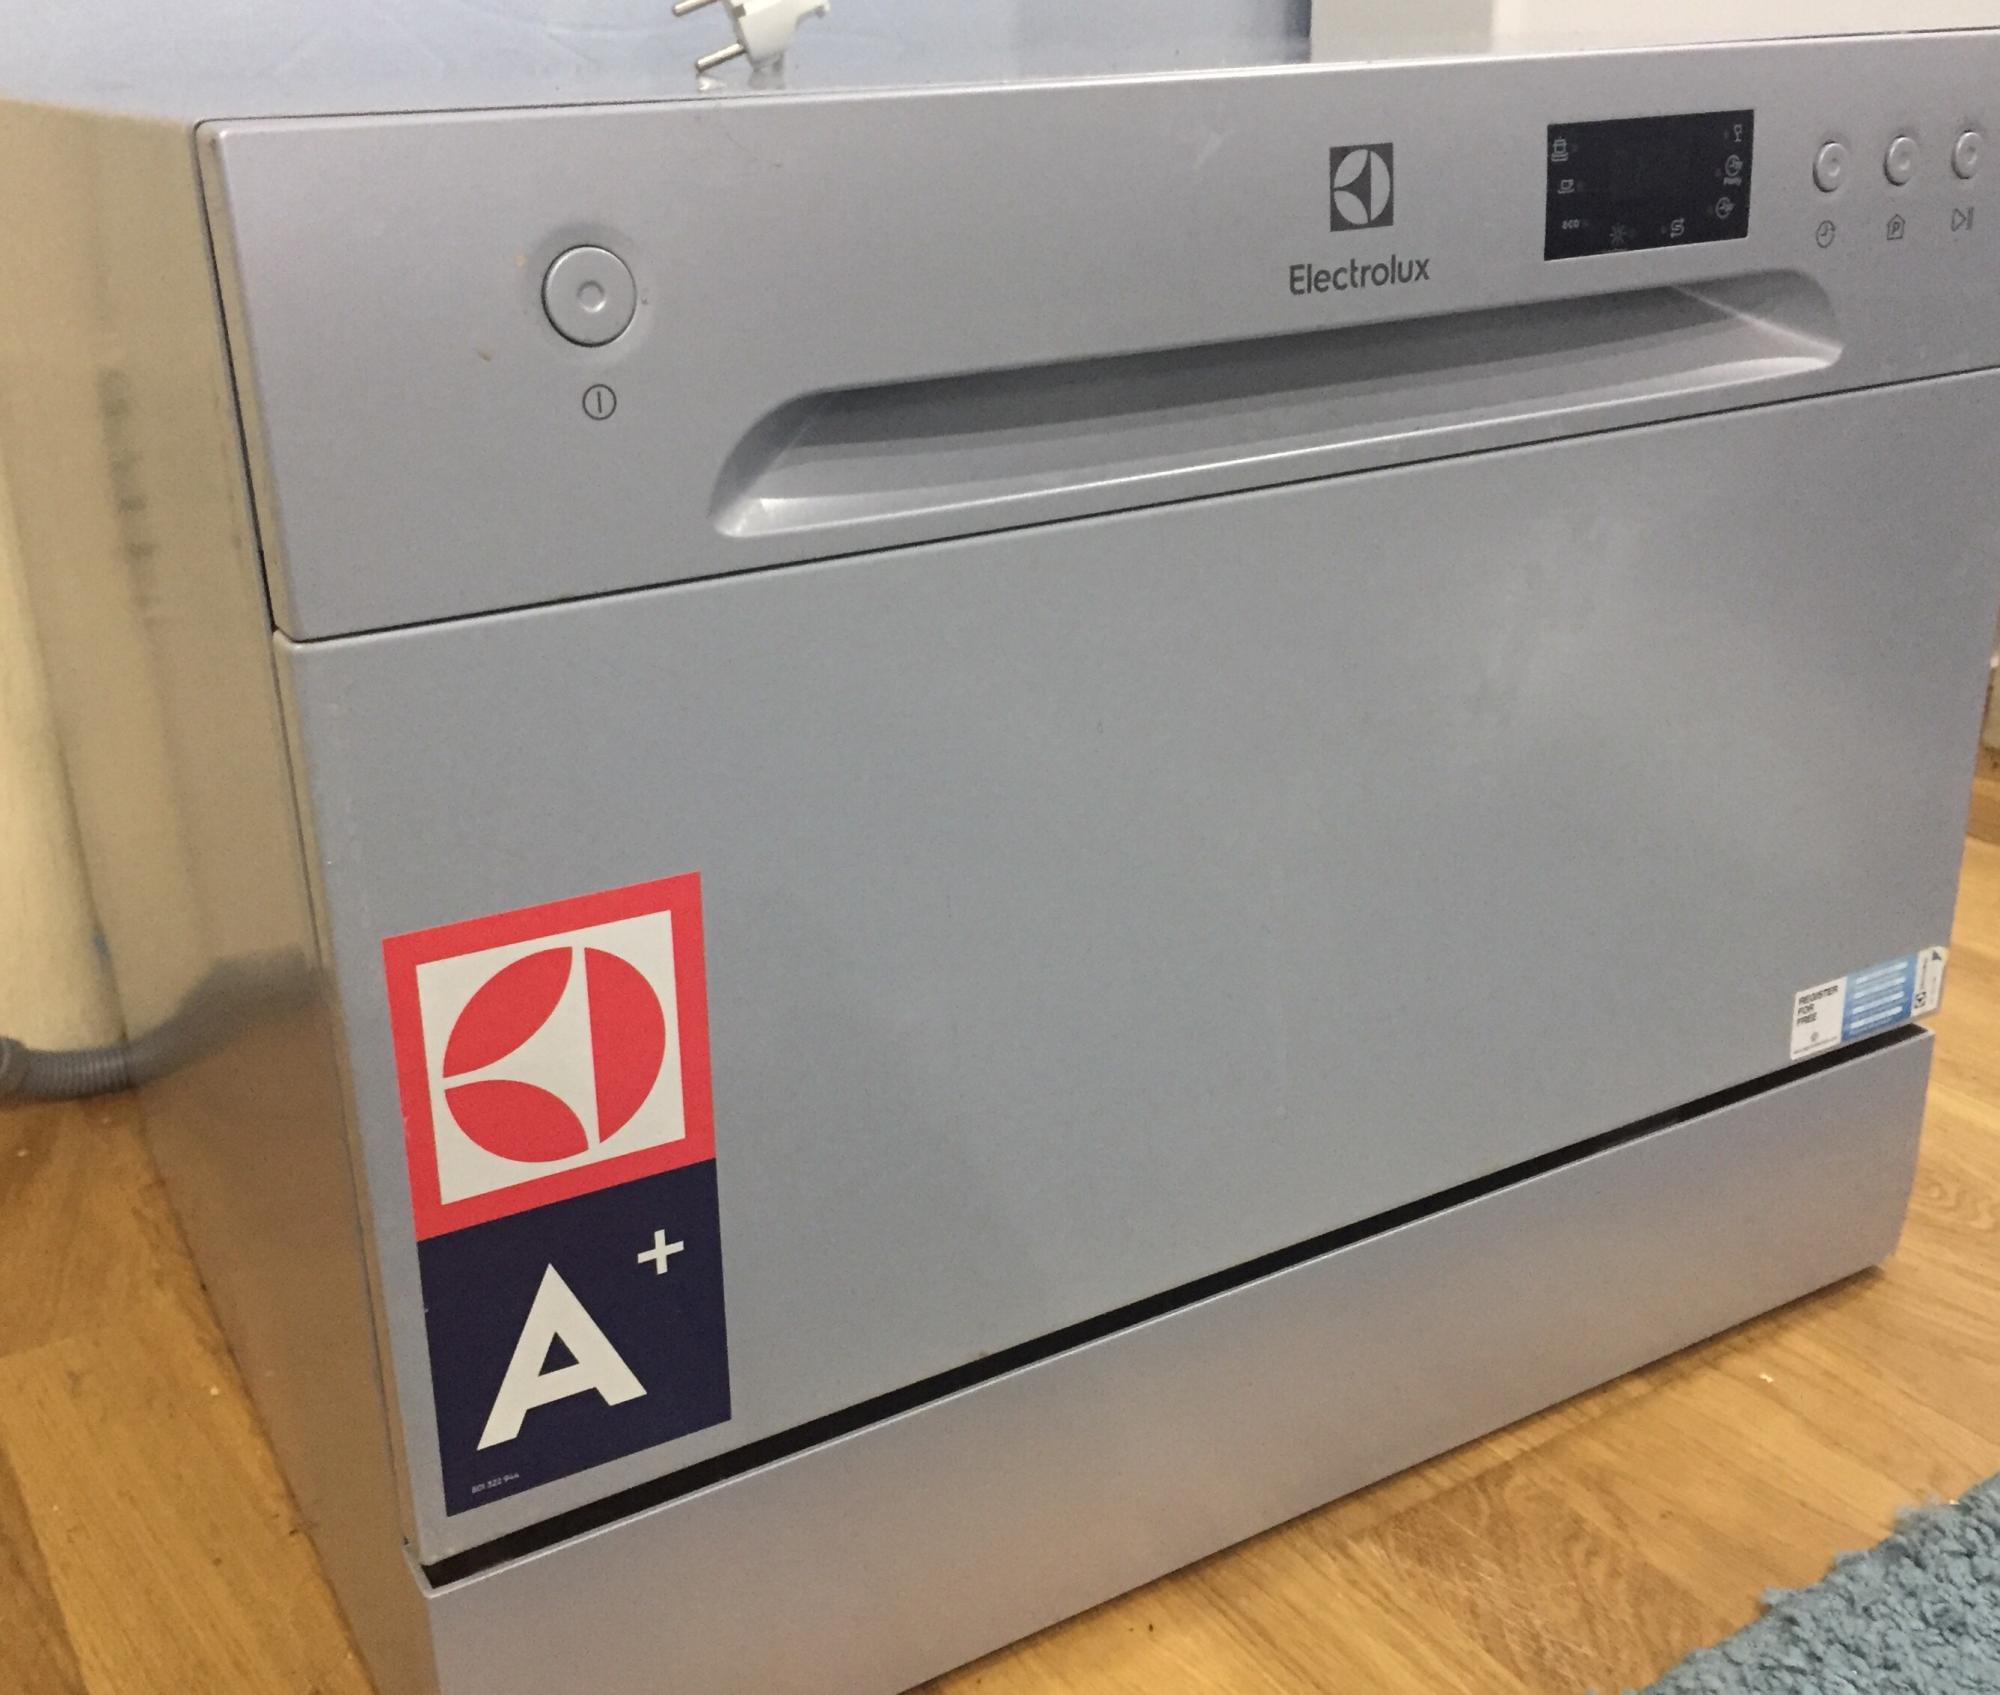 Посудомоечная машина electrolux в Нахабино 89258274851 купить 1